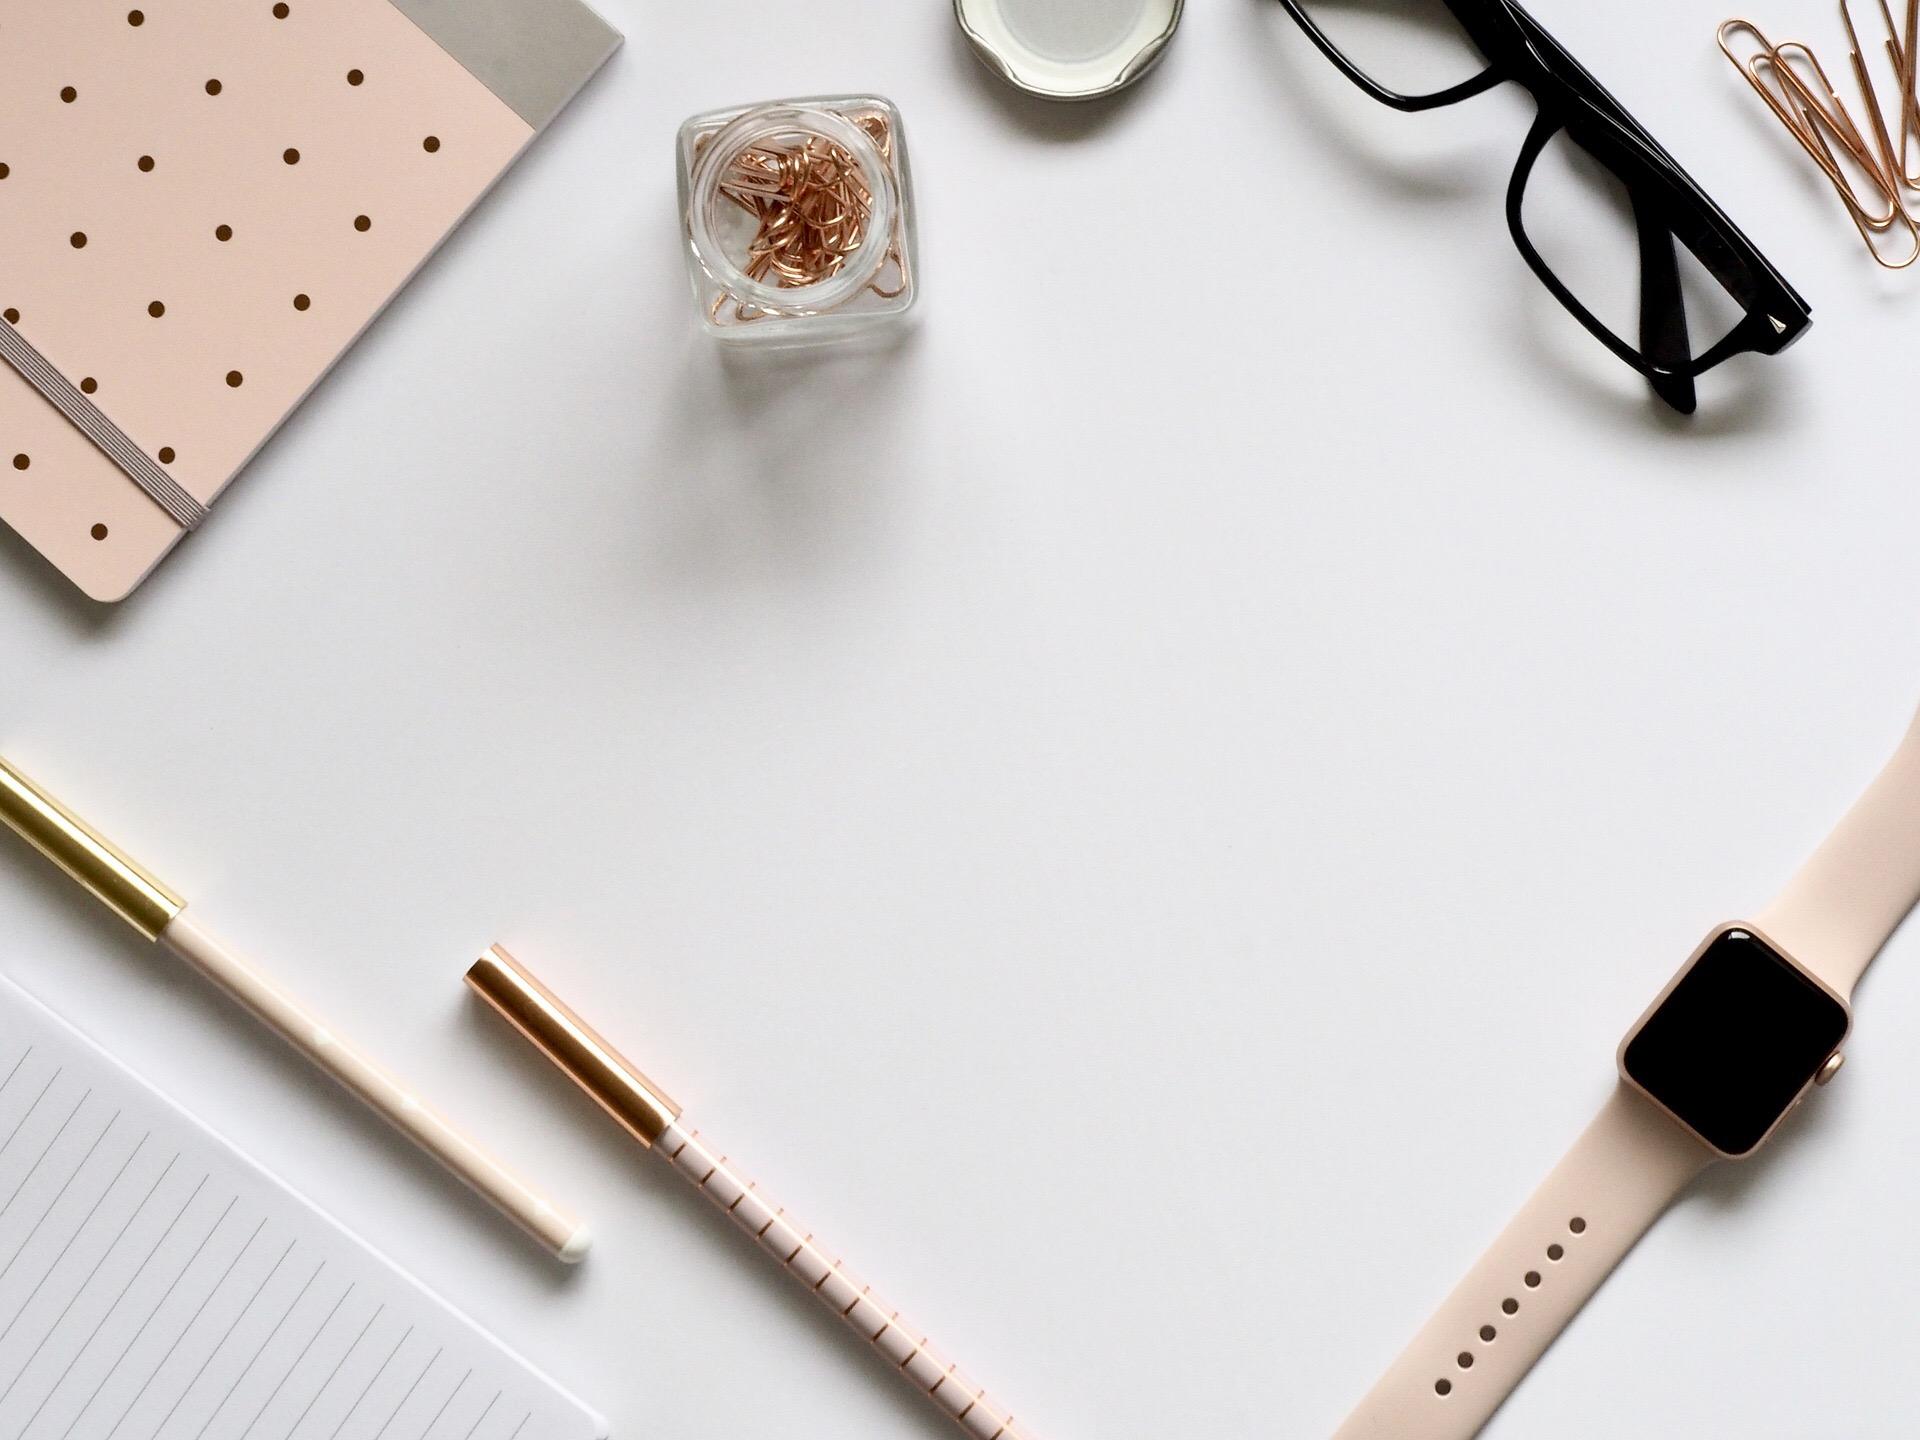 Business Start Up Checklist